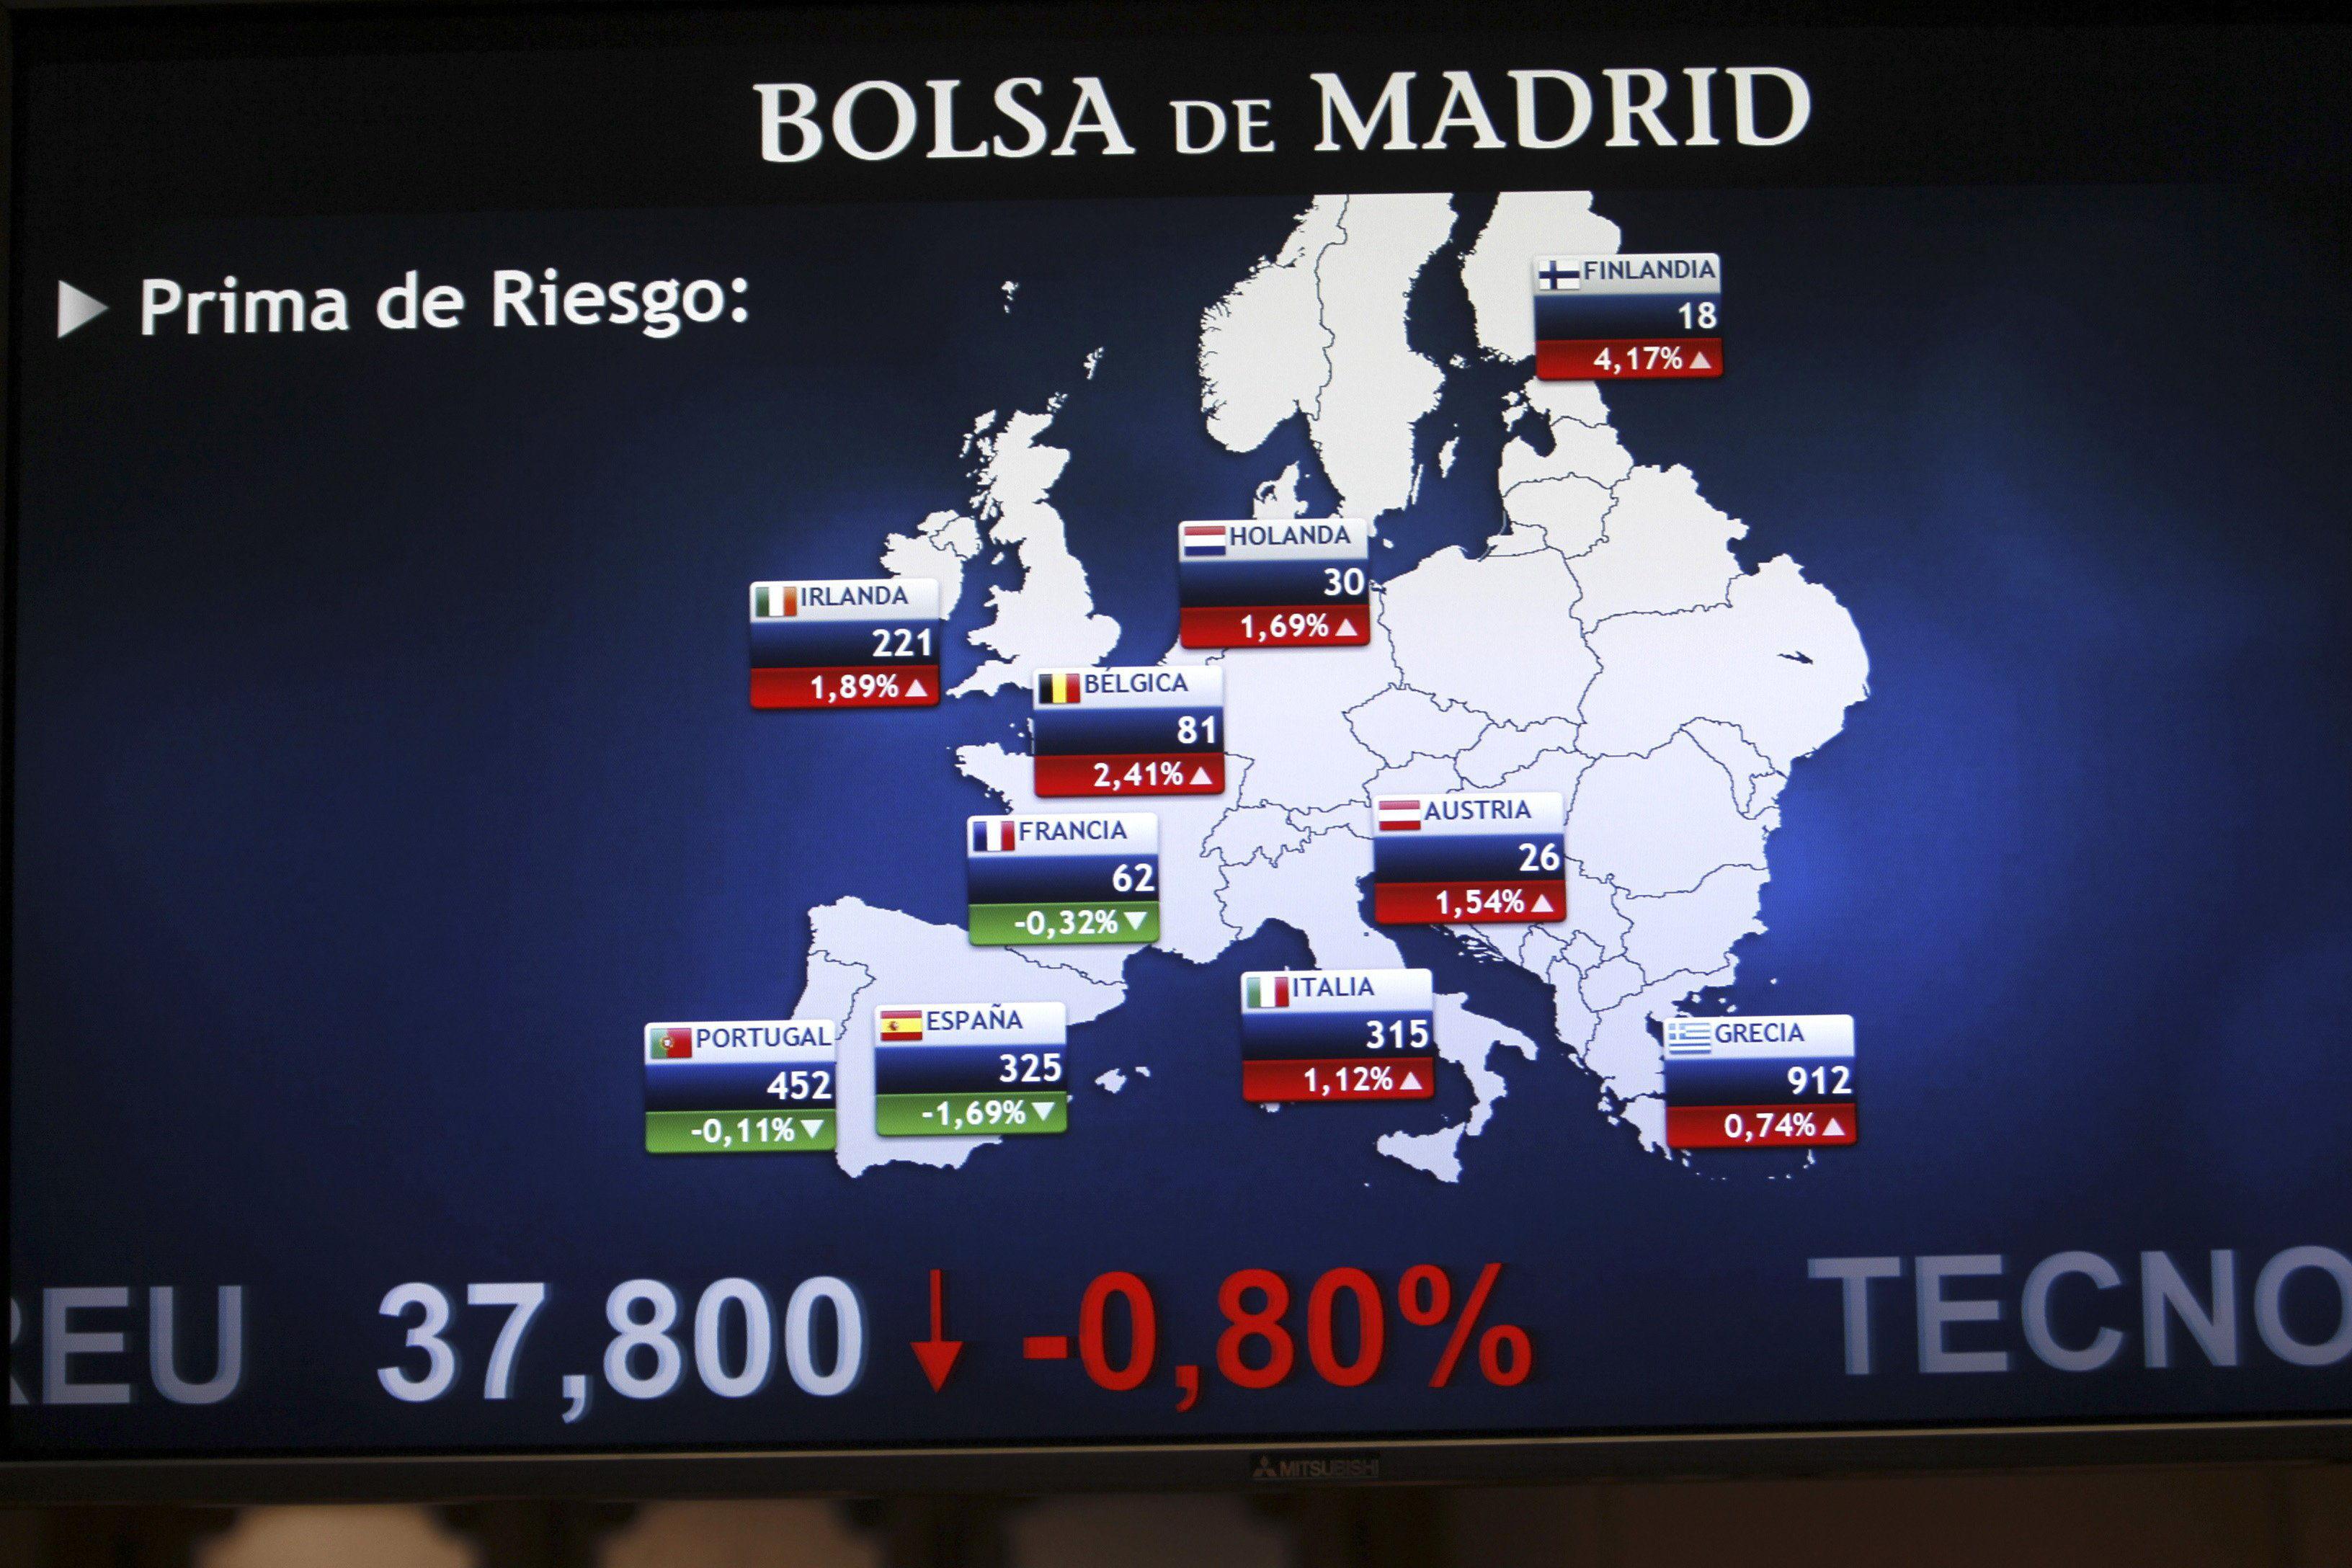 La prima de riesgo española abre al alza y sube a 268 puntos básicos